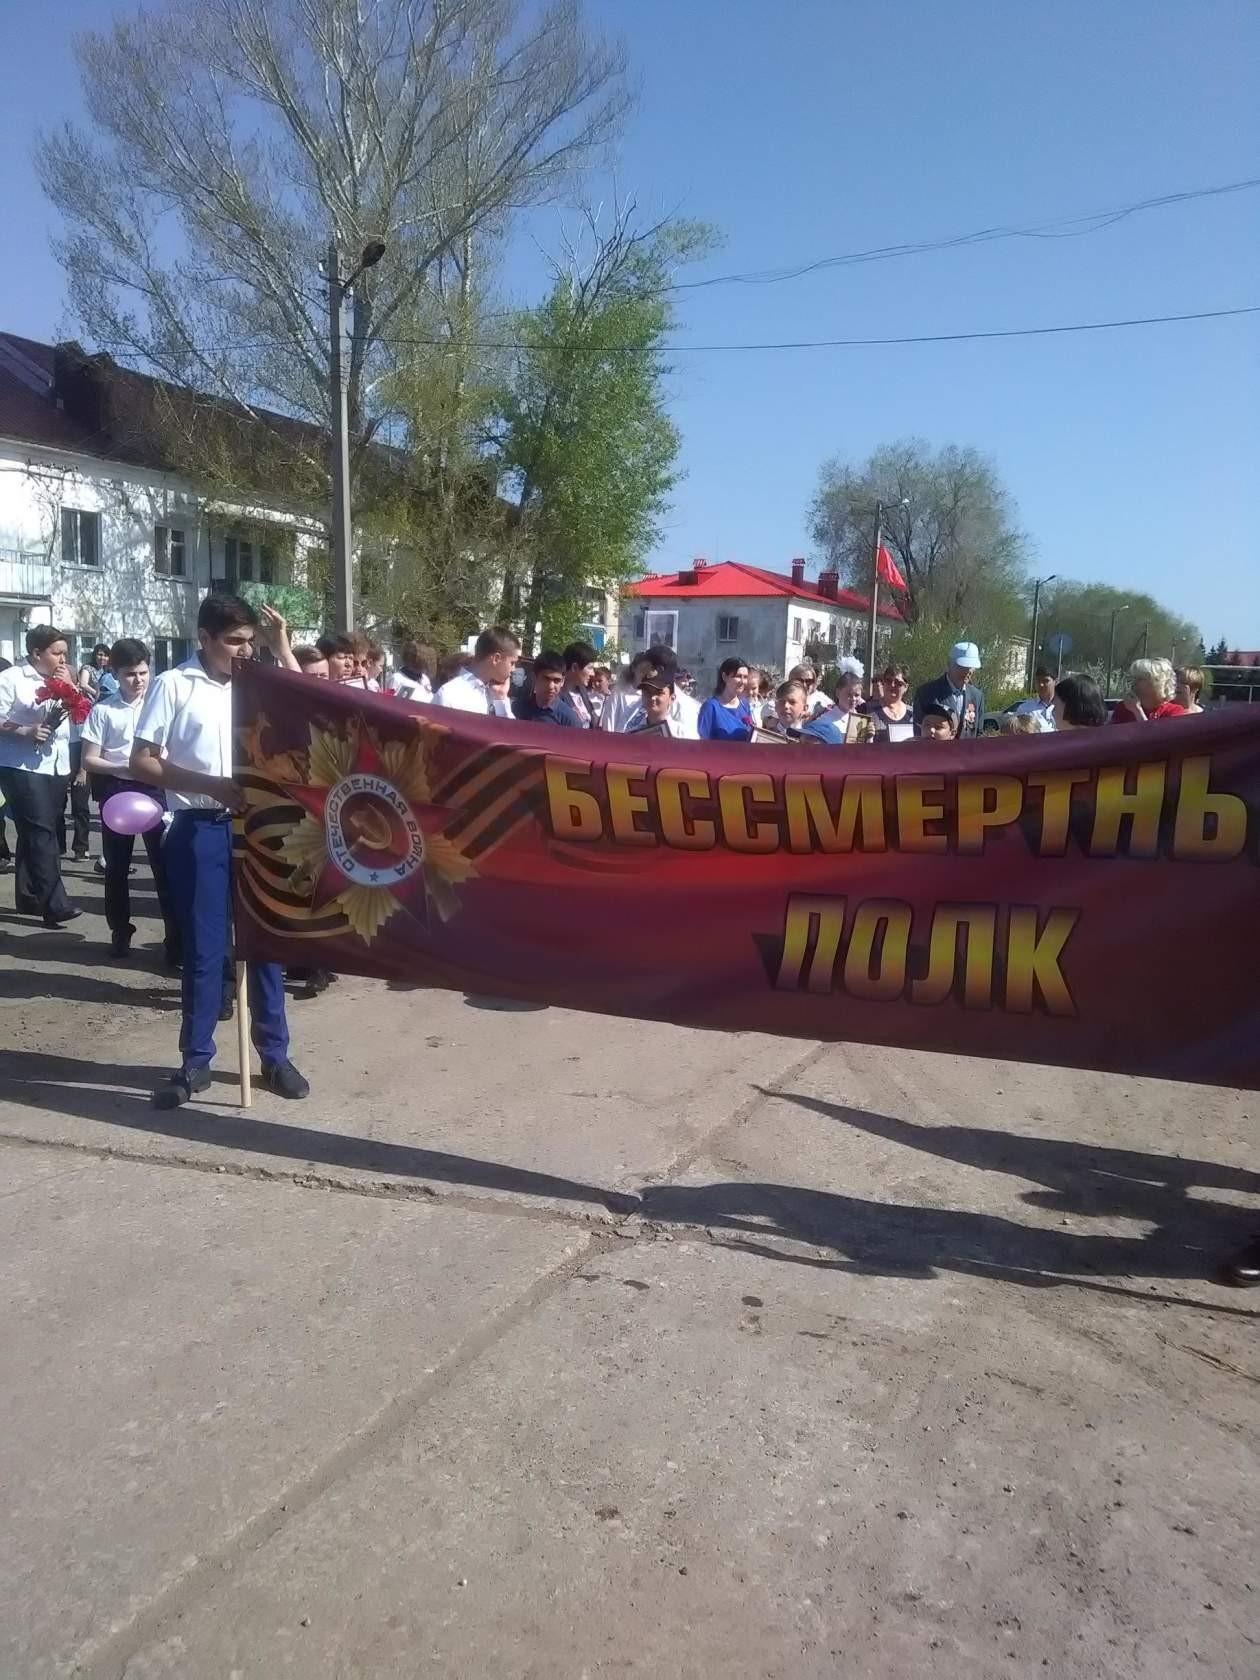 Бессмертный полк 2019 пос. Сборный